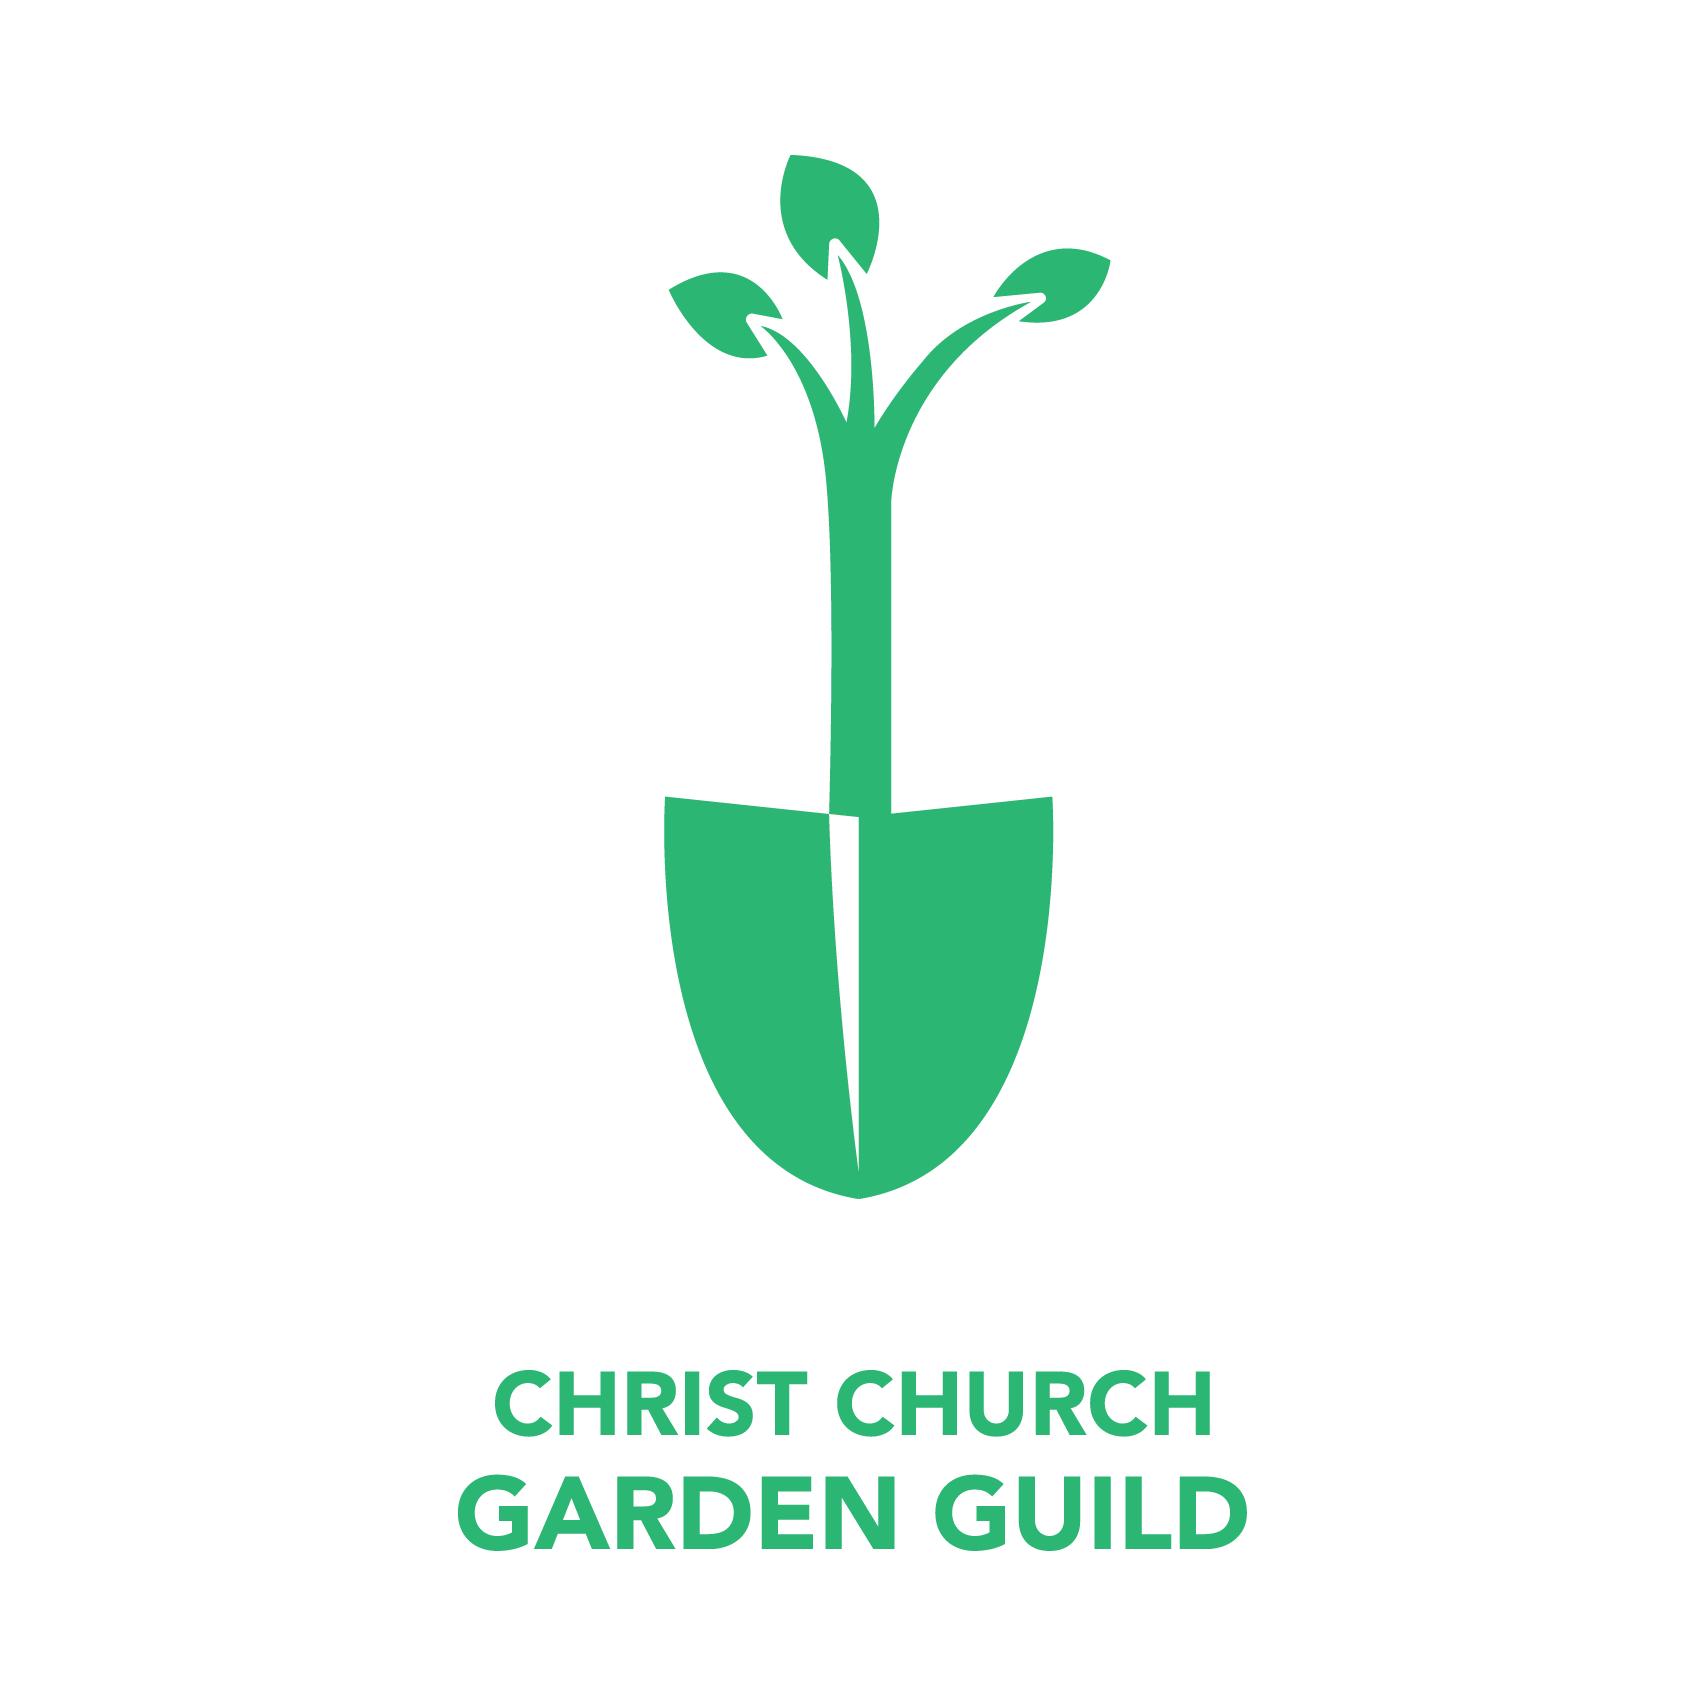 gardenguild-02.png